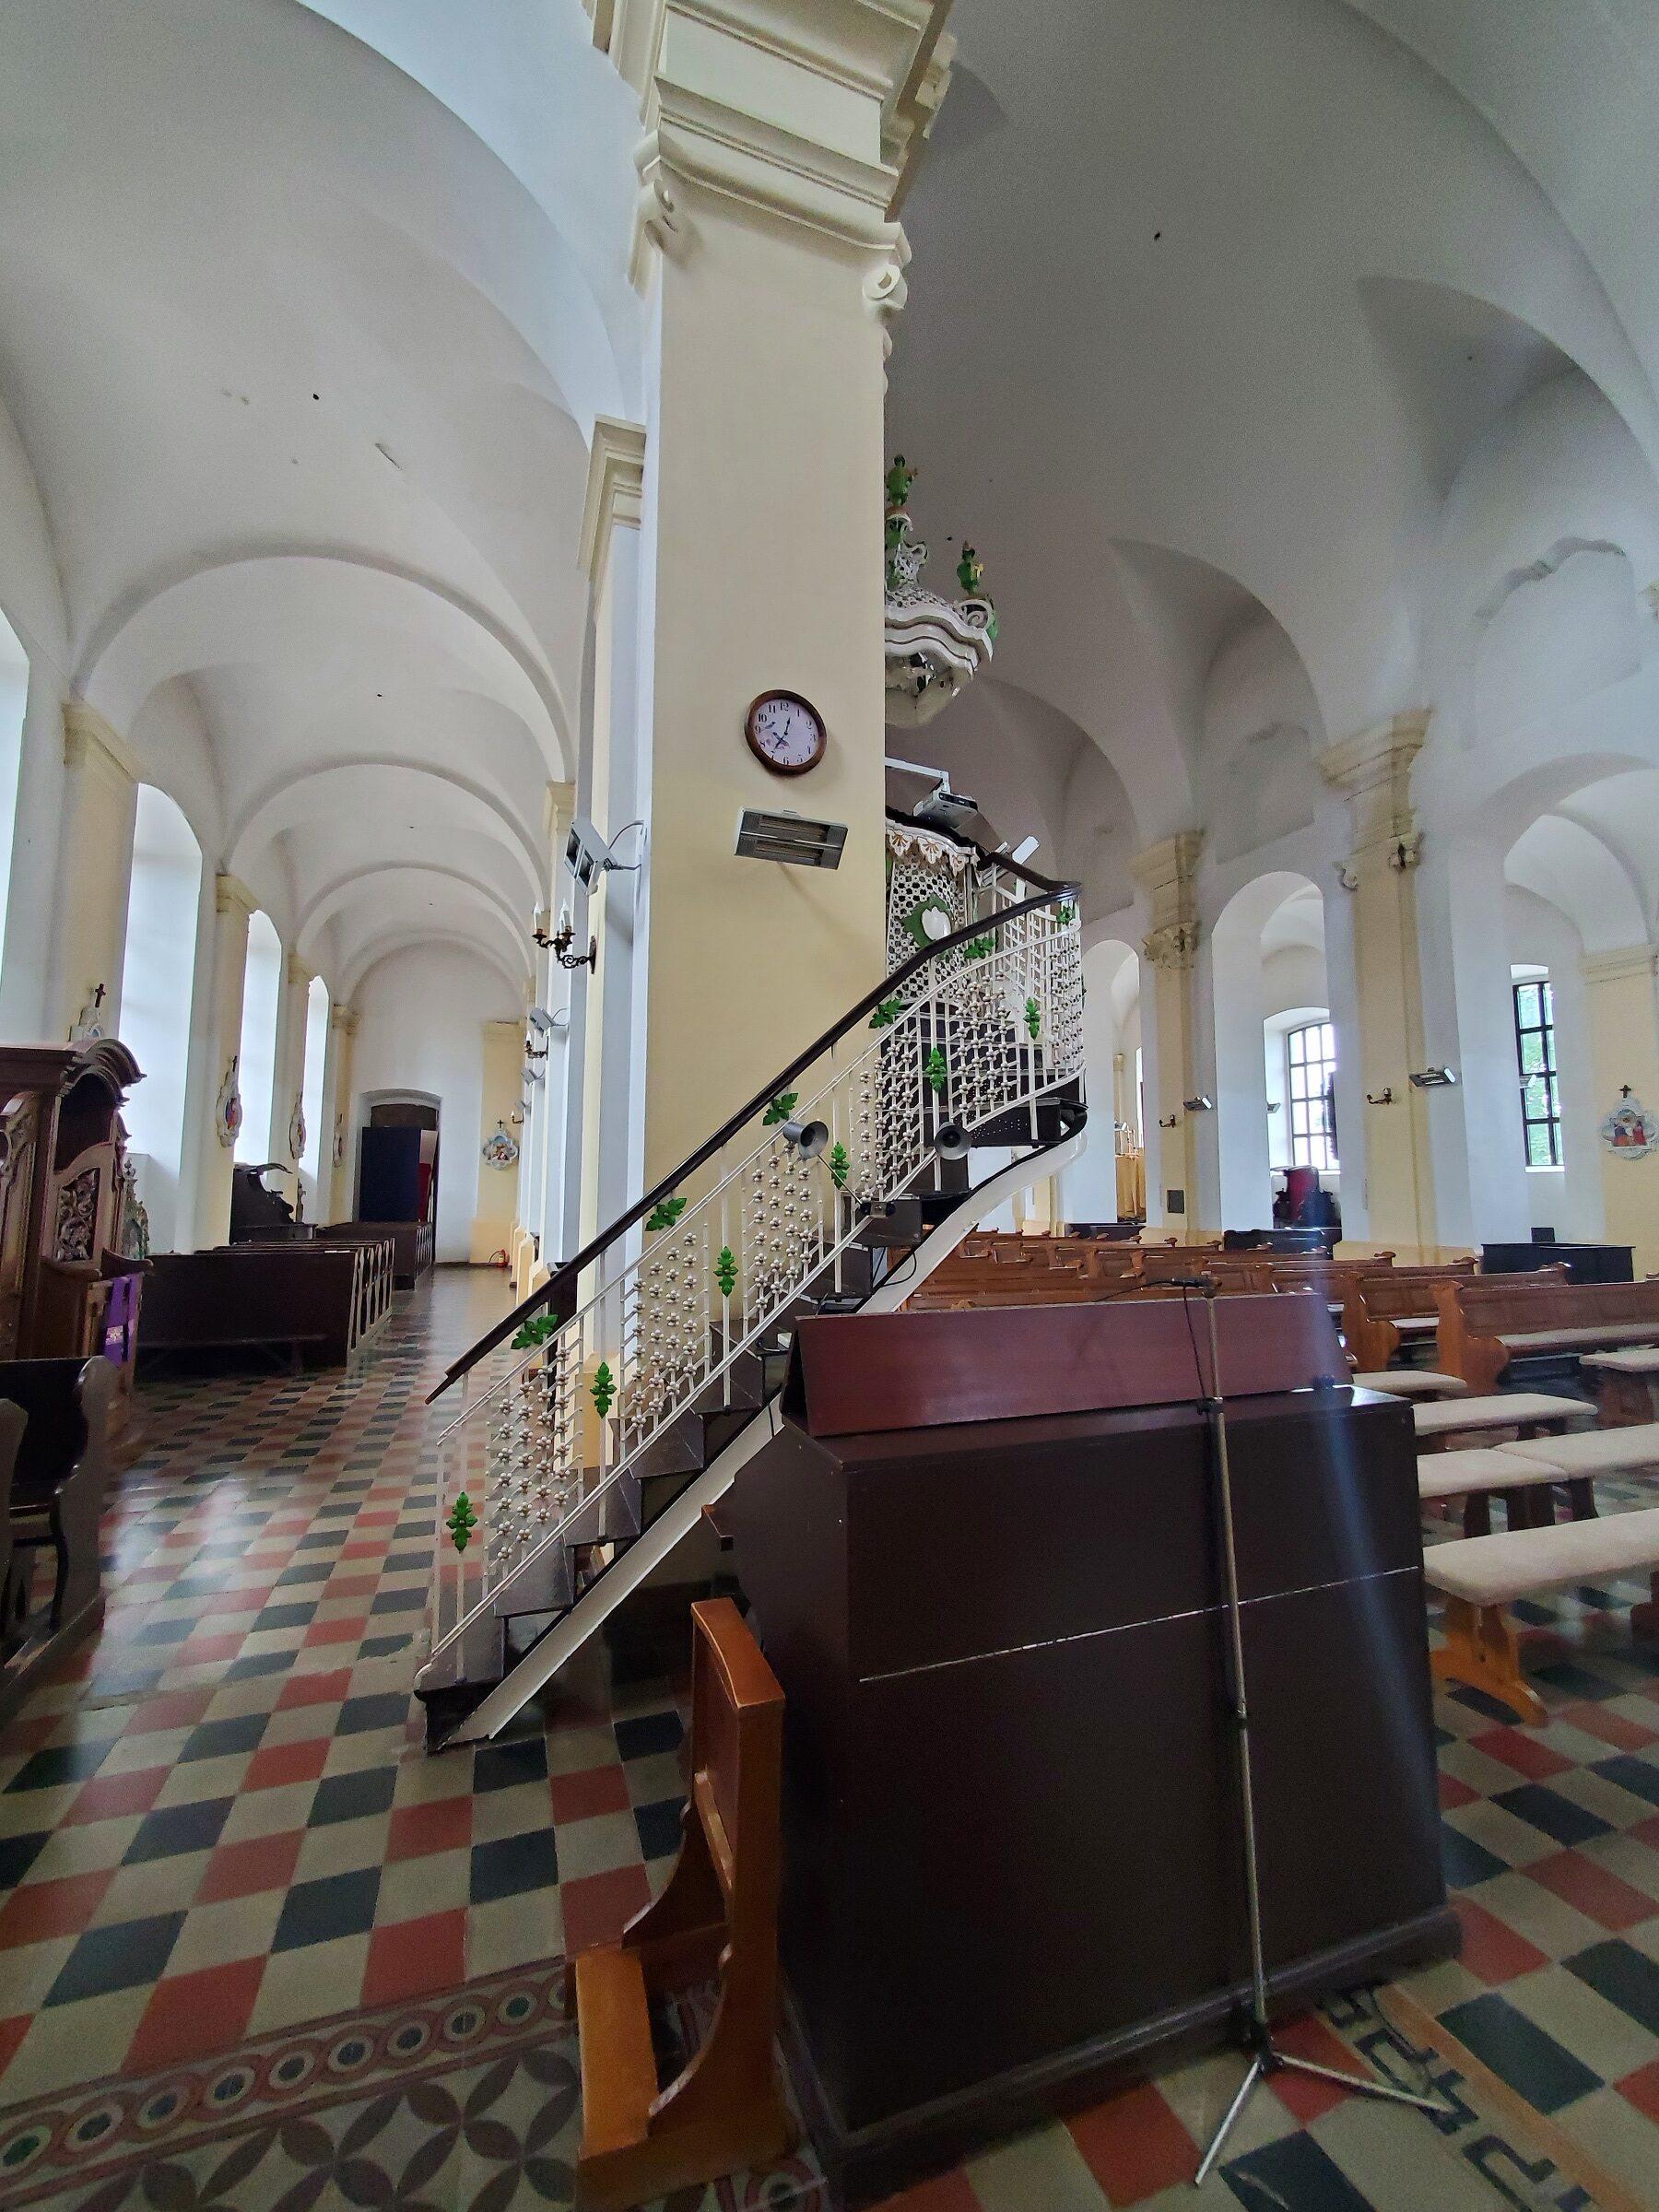 20200703 123449 rotated - Костел Святой Троицы в Глубоком